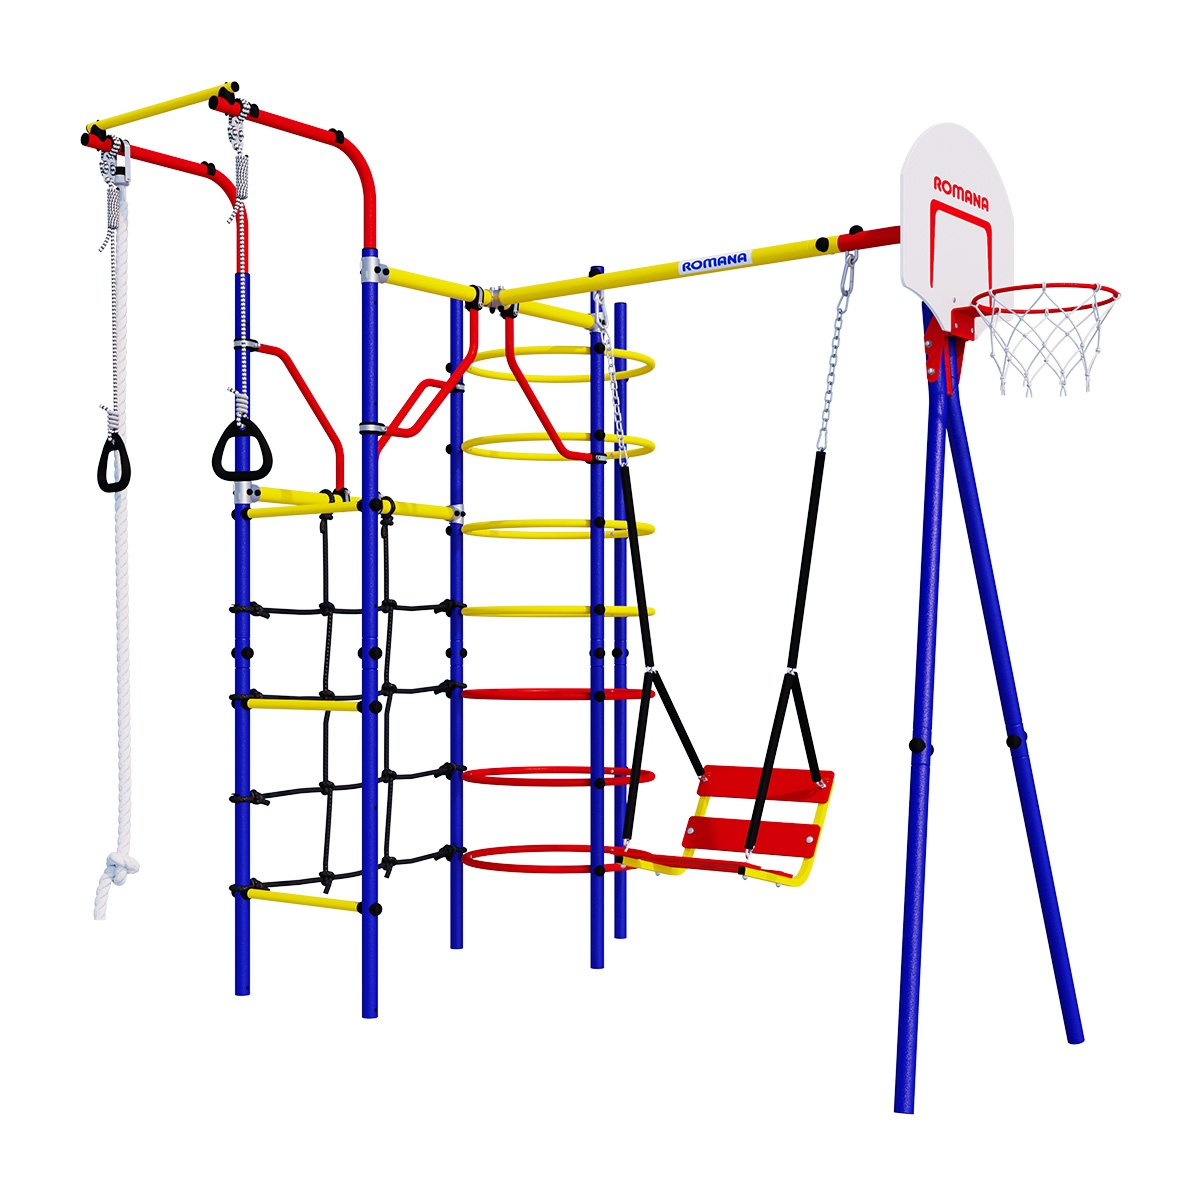 Комплекс спортивный детский Romana Космодром, + цепные качели